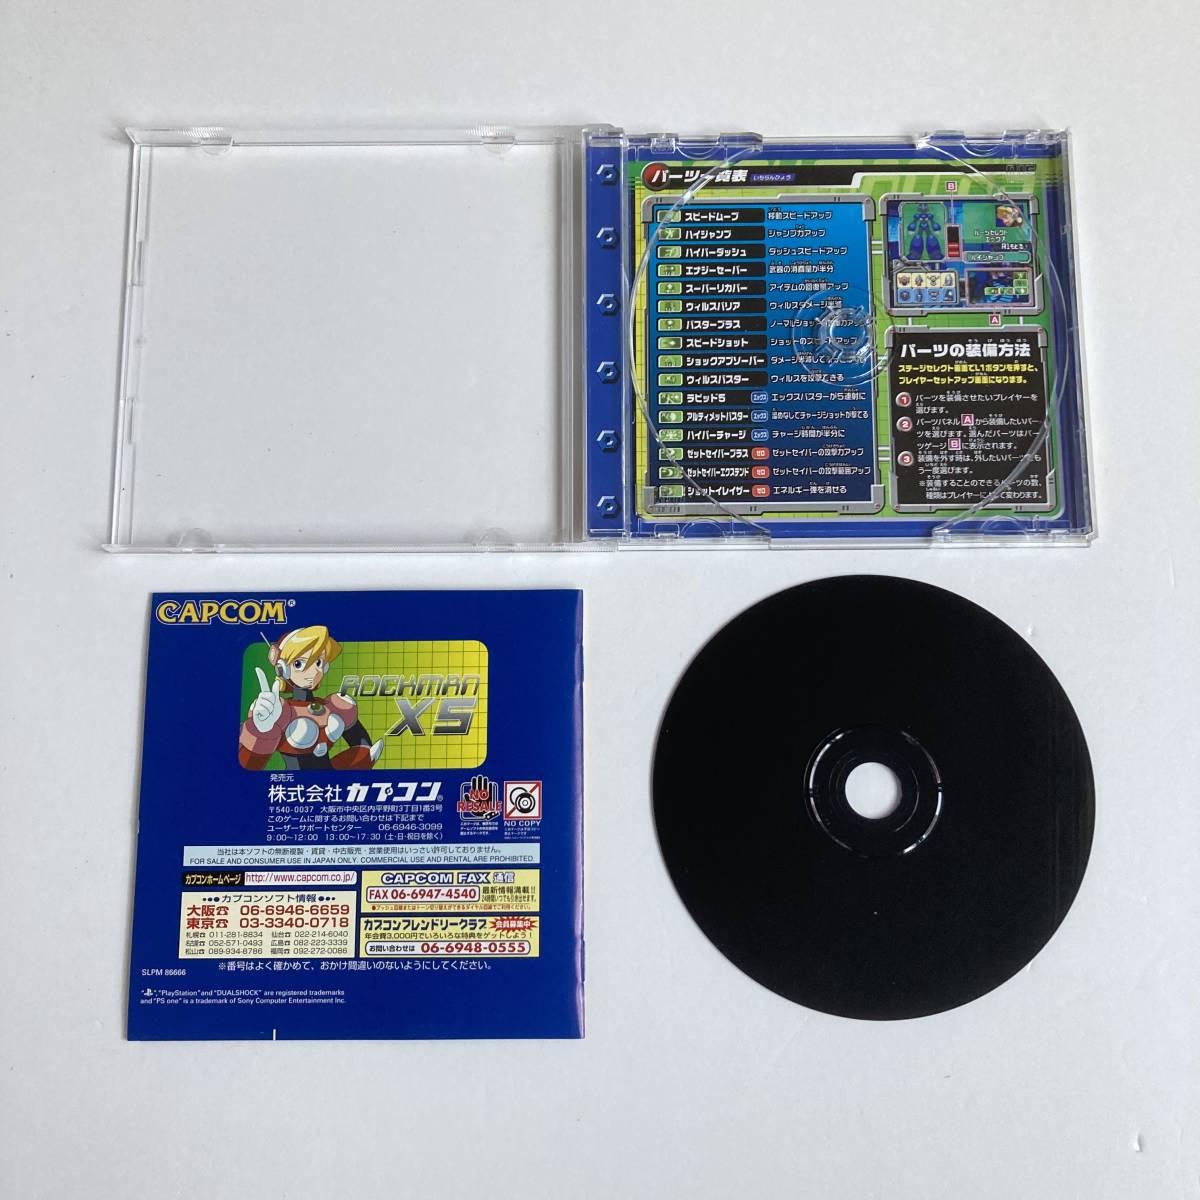 プレイステーション用 ロックマン X4 X5 X4 セット / Lo6t 3 Megaman X4 X5 X6 PS1 Rockman Capcom Sony Playstation 1 PS Game Japan JP